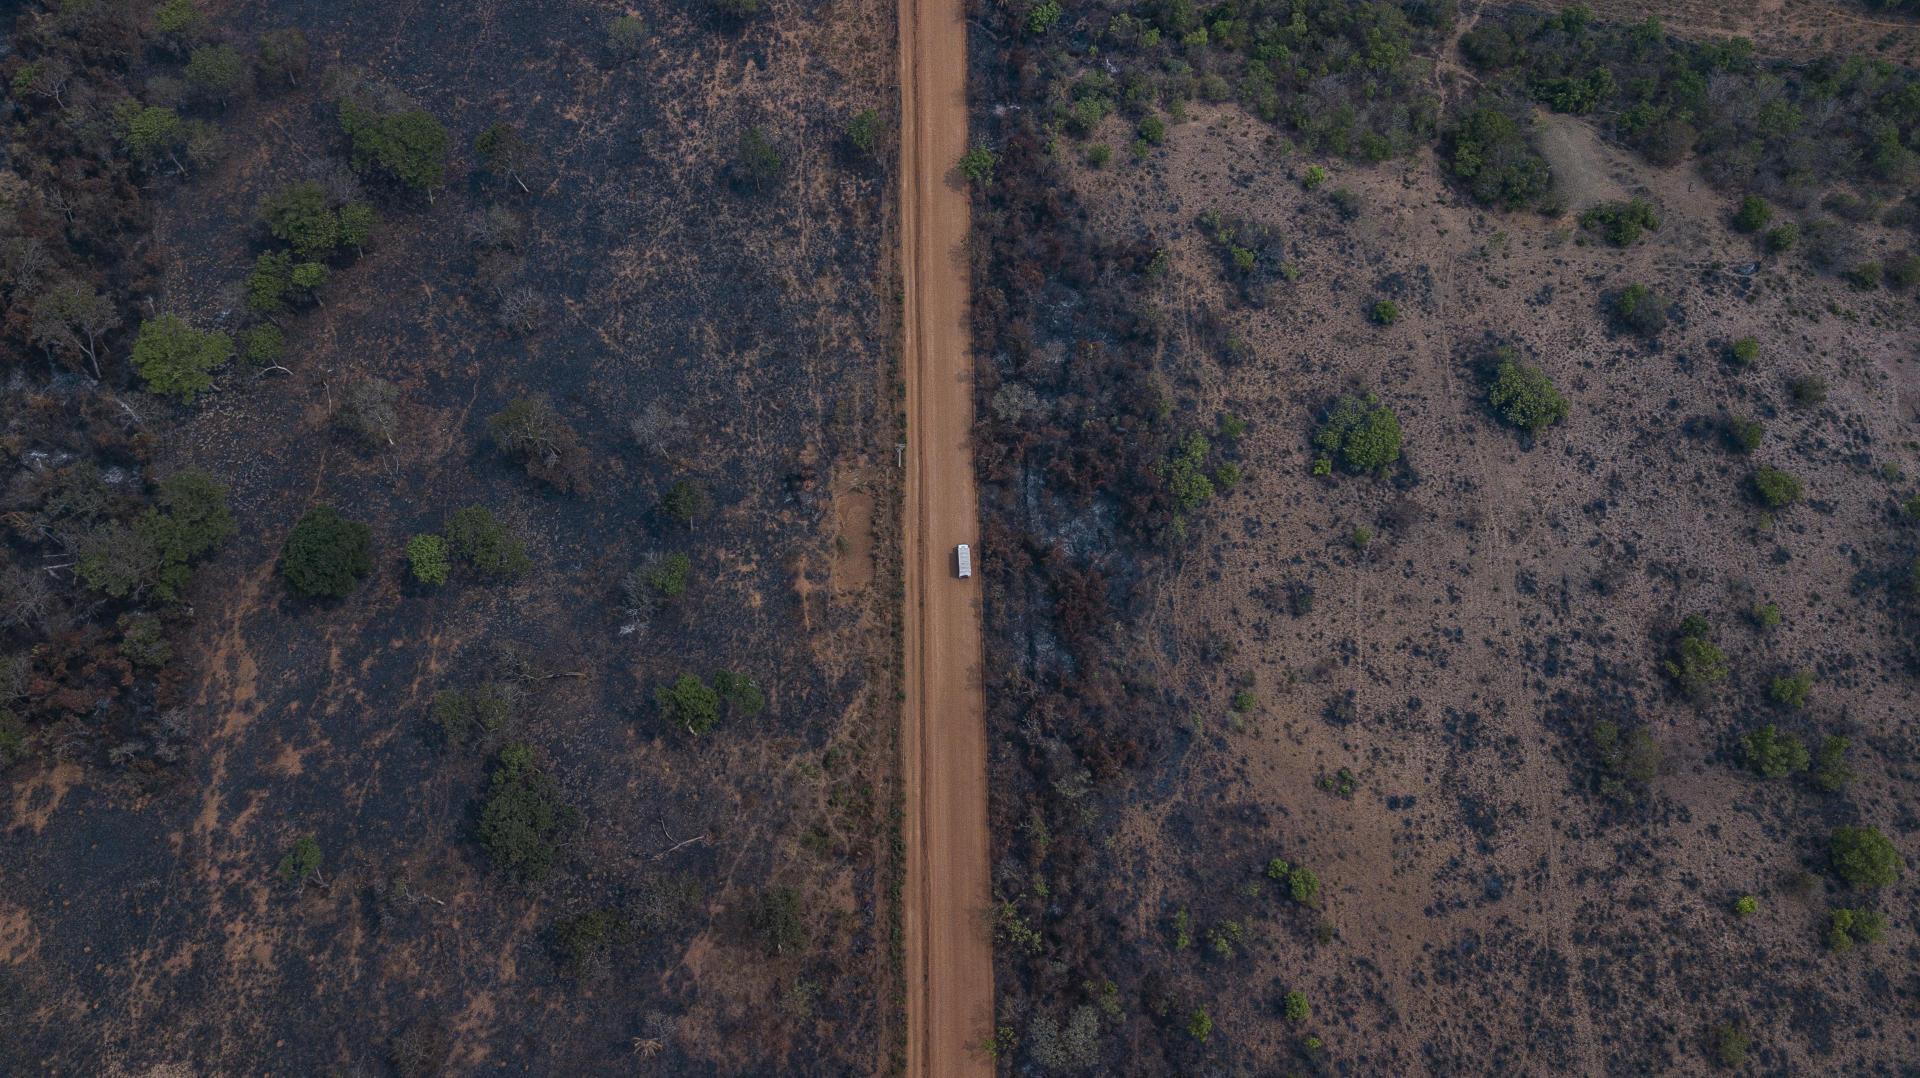 Le long de la Transpantaneira, la route qui traverse le Pantanal, dans l'Etat du Mato Grosso, au Brésil, le 22 septembre.